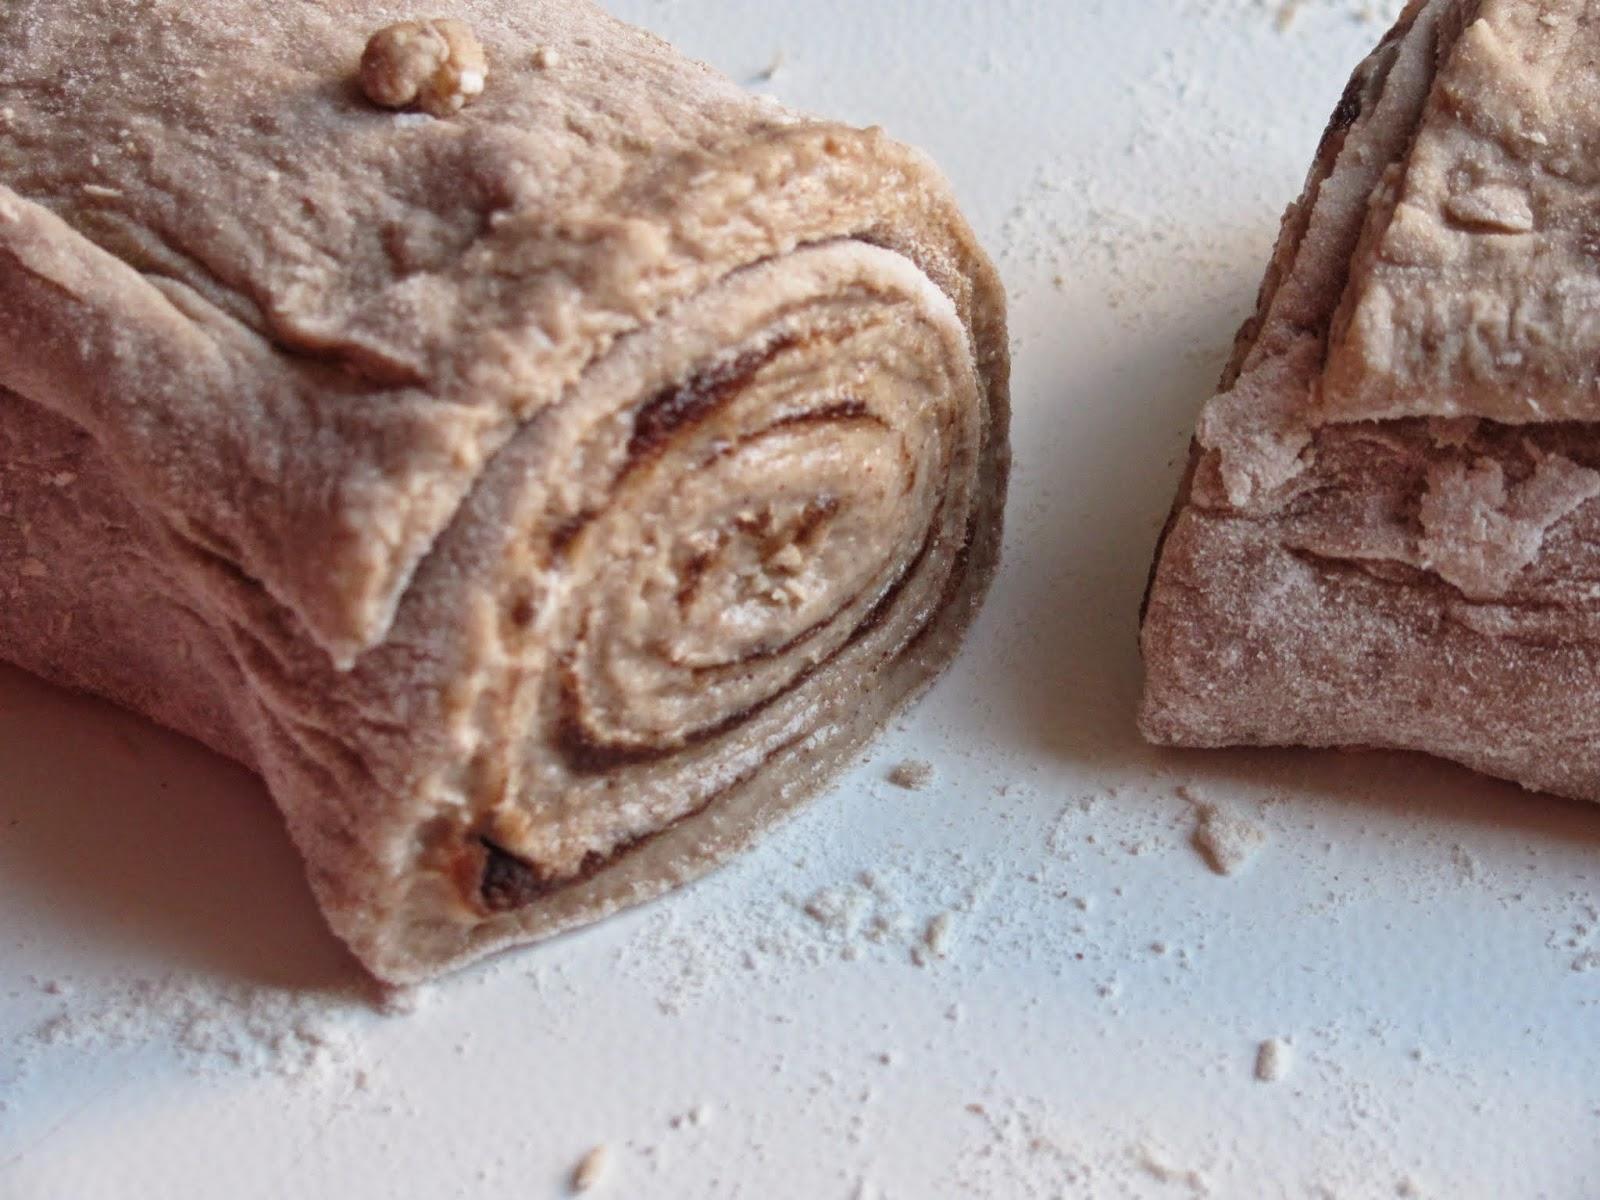 Cutting Cinnamon Roll Dough